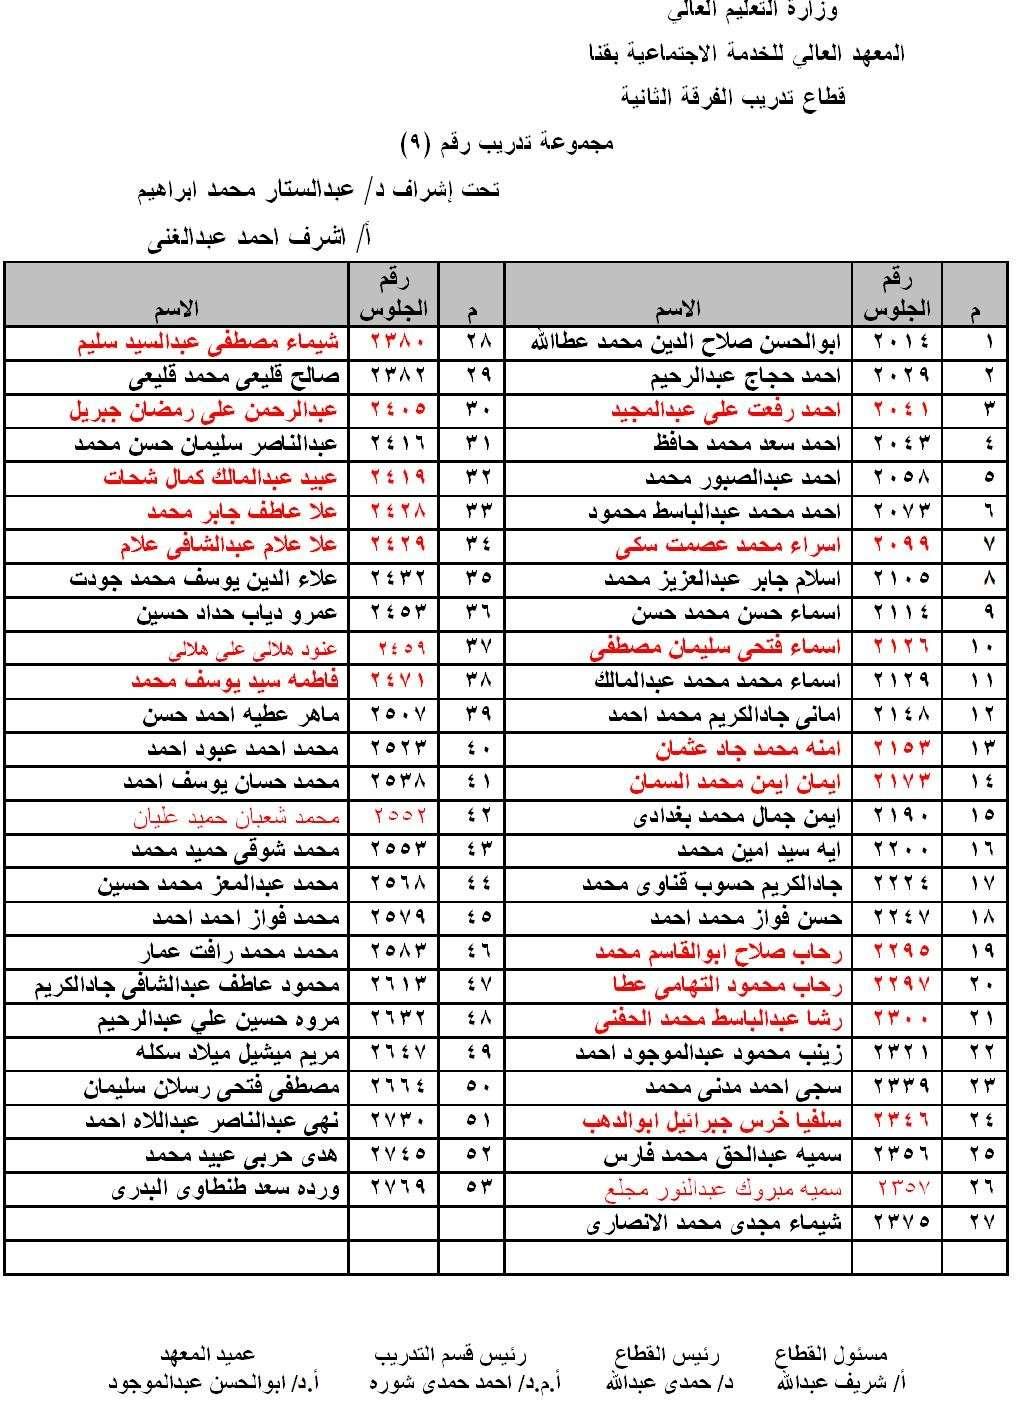 توزيع مجموعات تدريب الفرقة الثانية 2014 - 2015 910